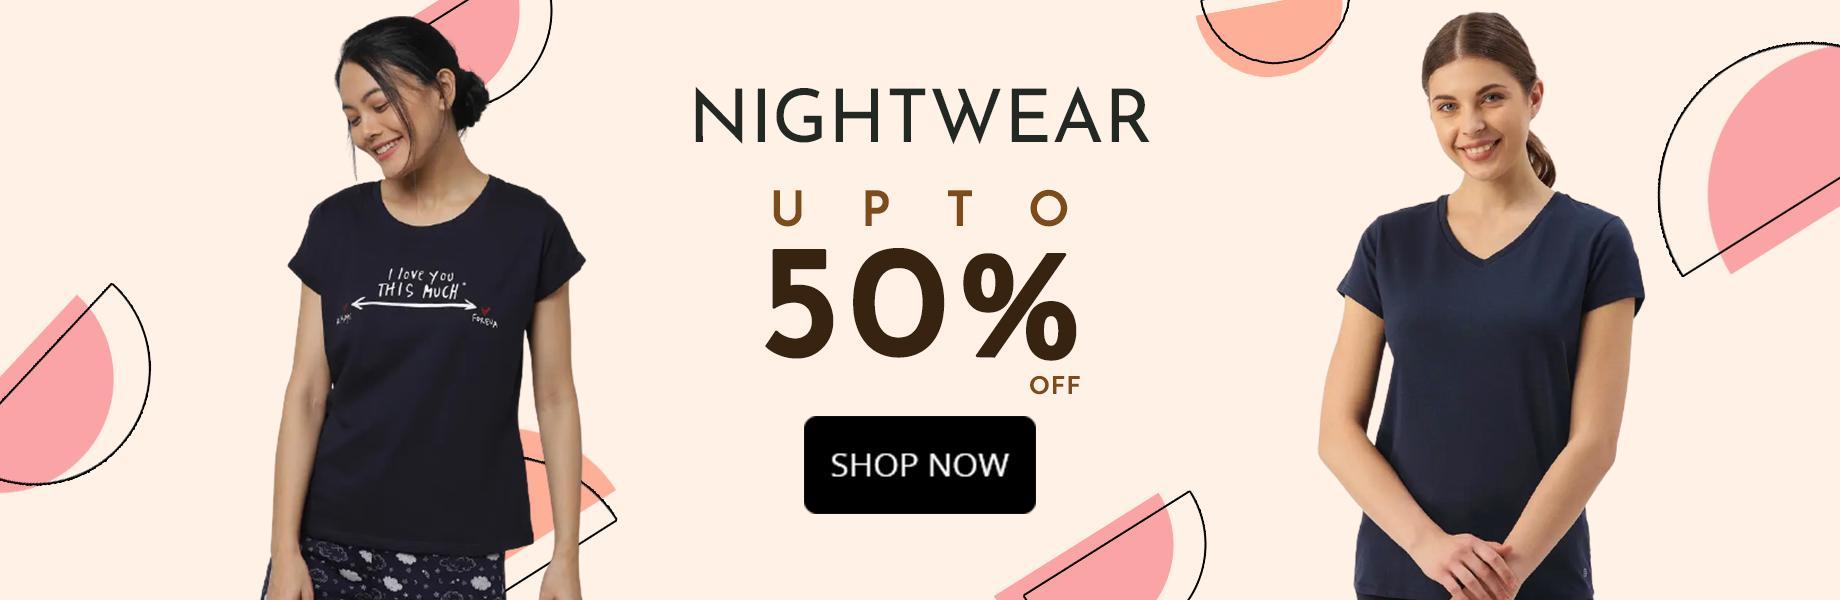 nightwear_web.jpg